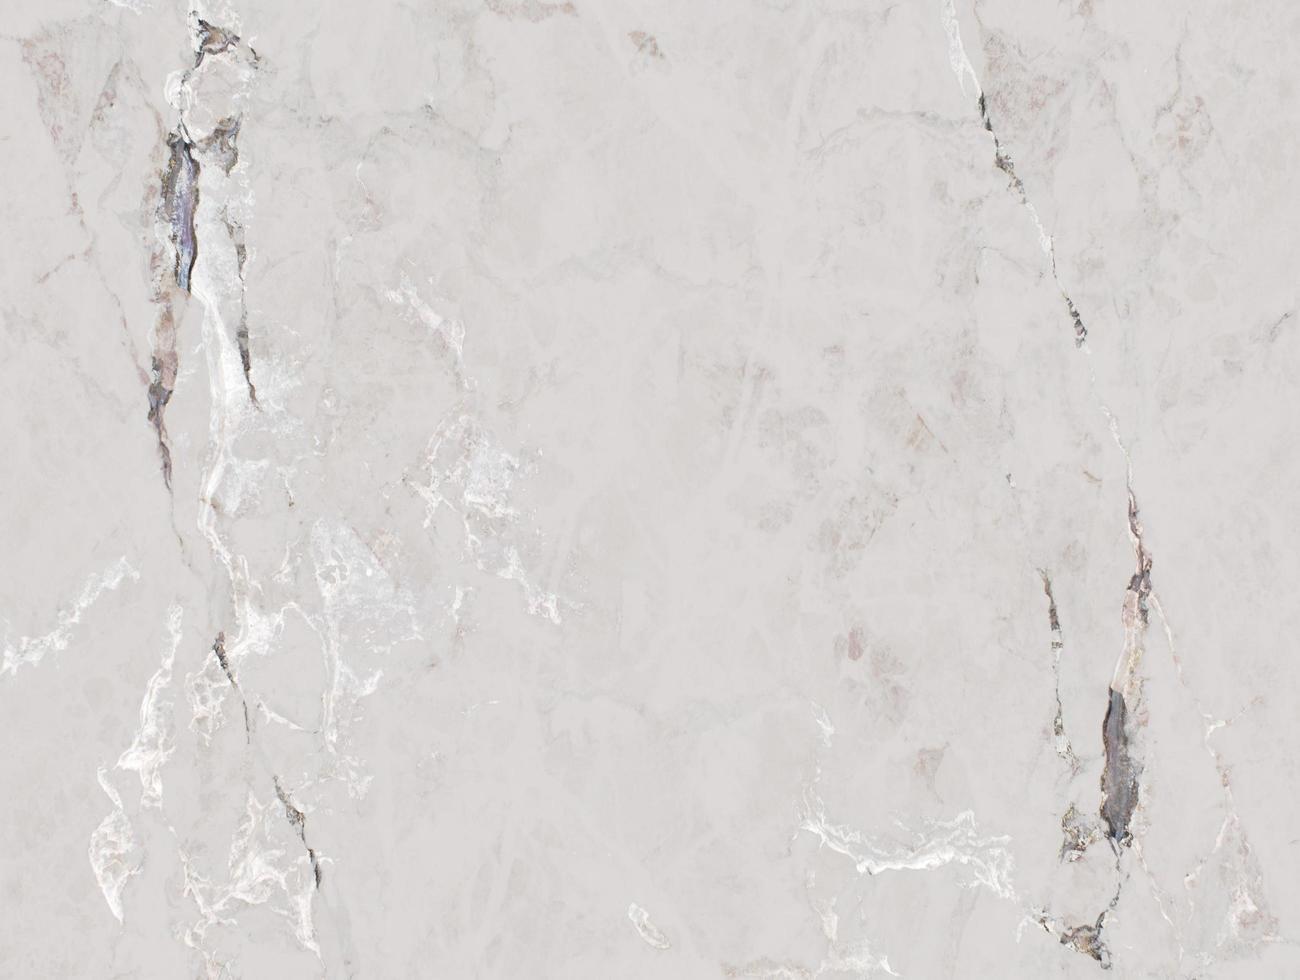 marmorierter Steinbeschaffenheitshintergrund foto